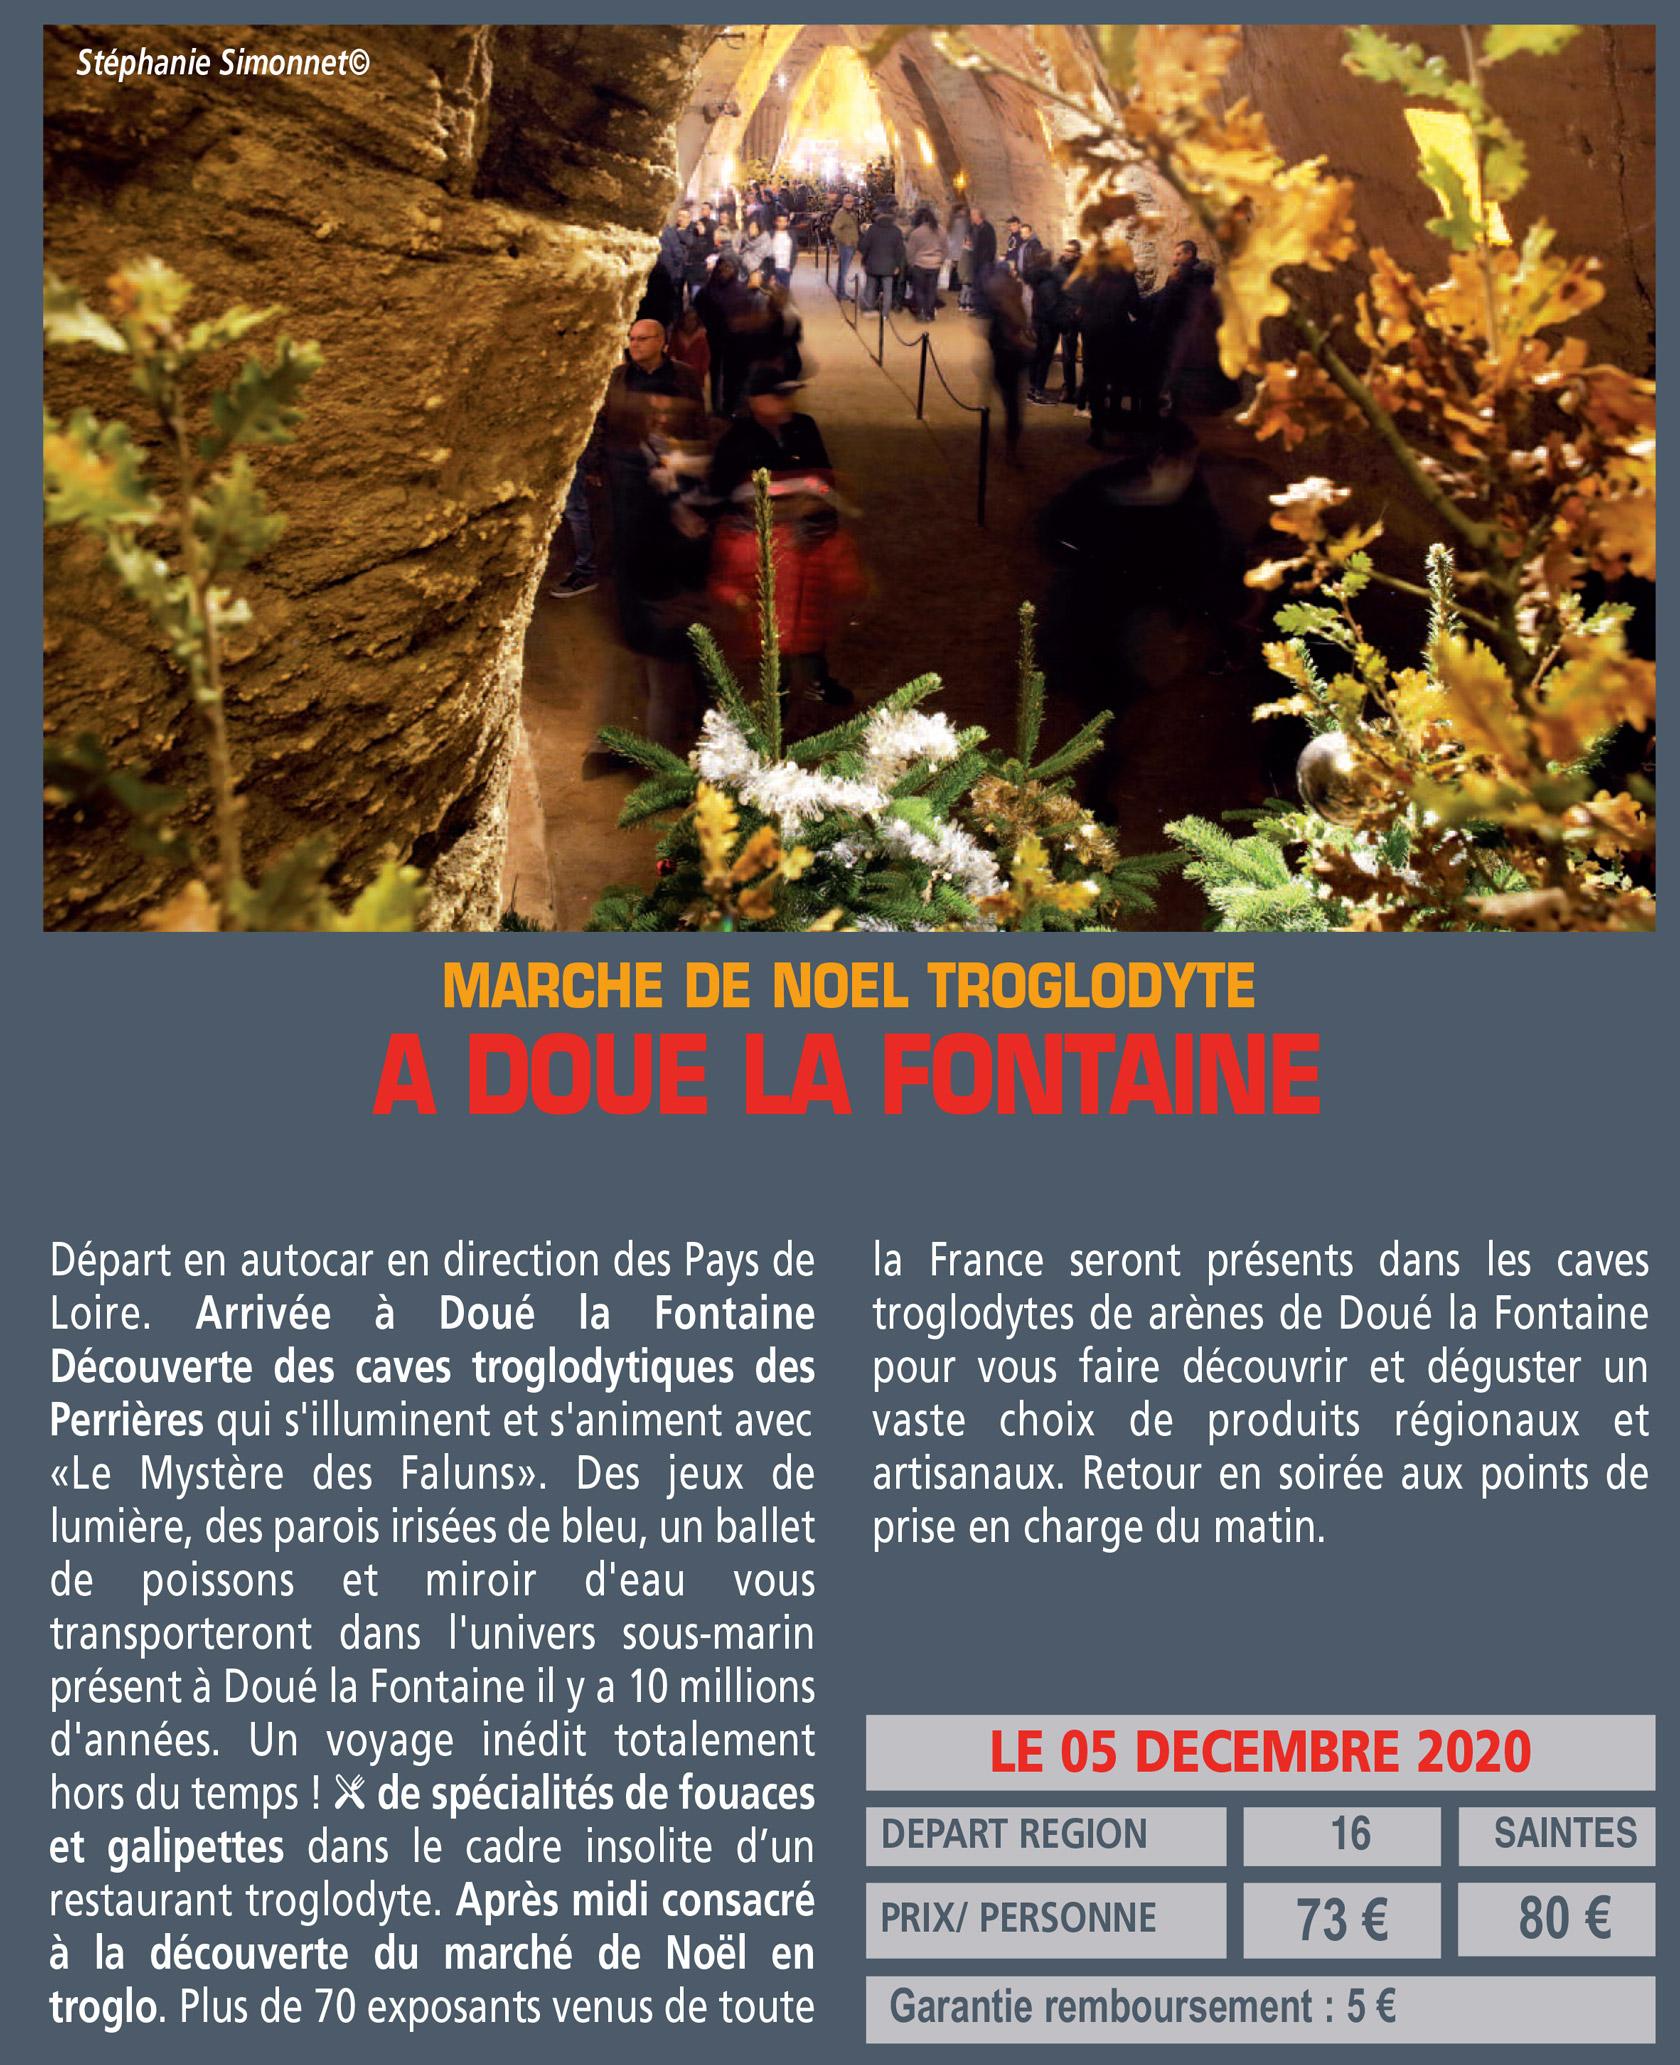 MARCHE DE NOEL TROGLODYTE A DOUE LA FONTAINE